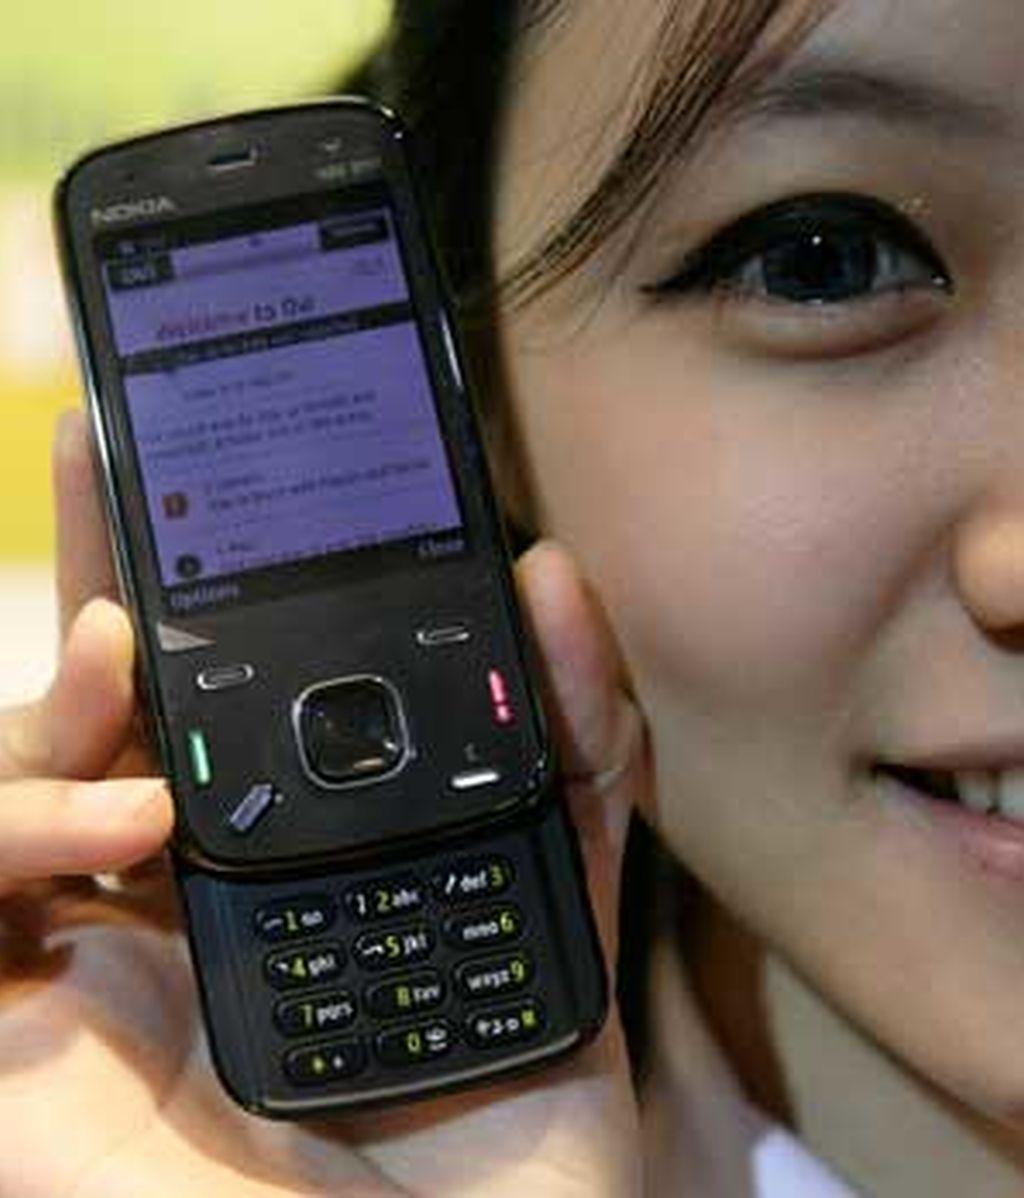 Nokia ofrecerá en sus teléfonos móviles los programas de Office de Microsoft. Foto: Reuters.